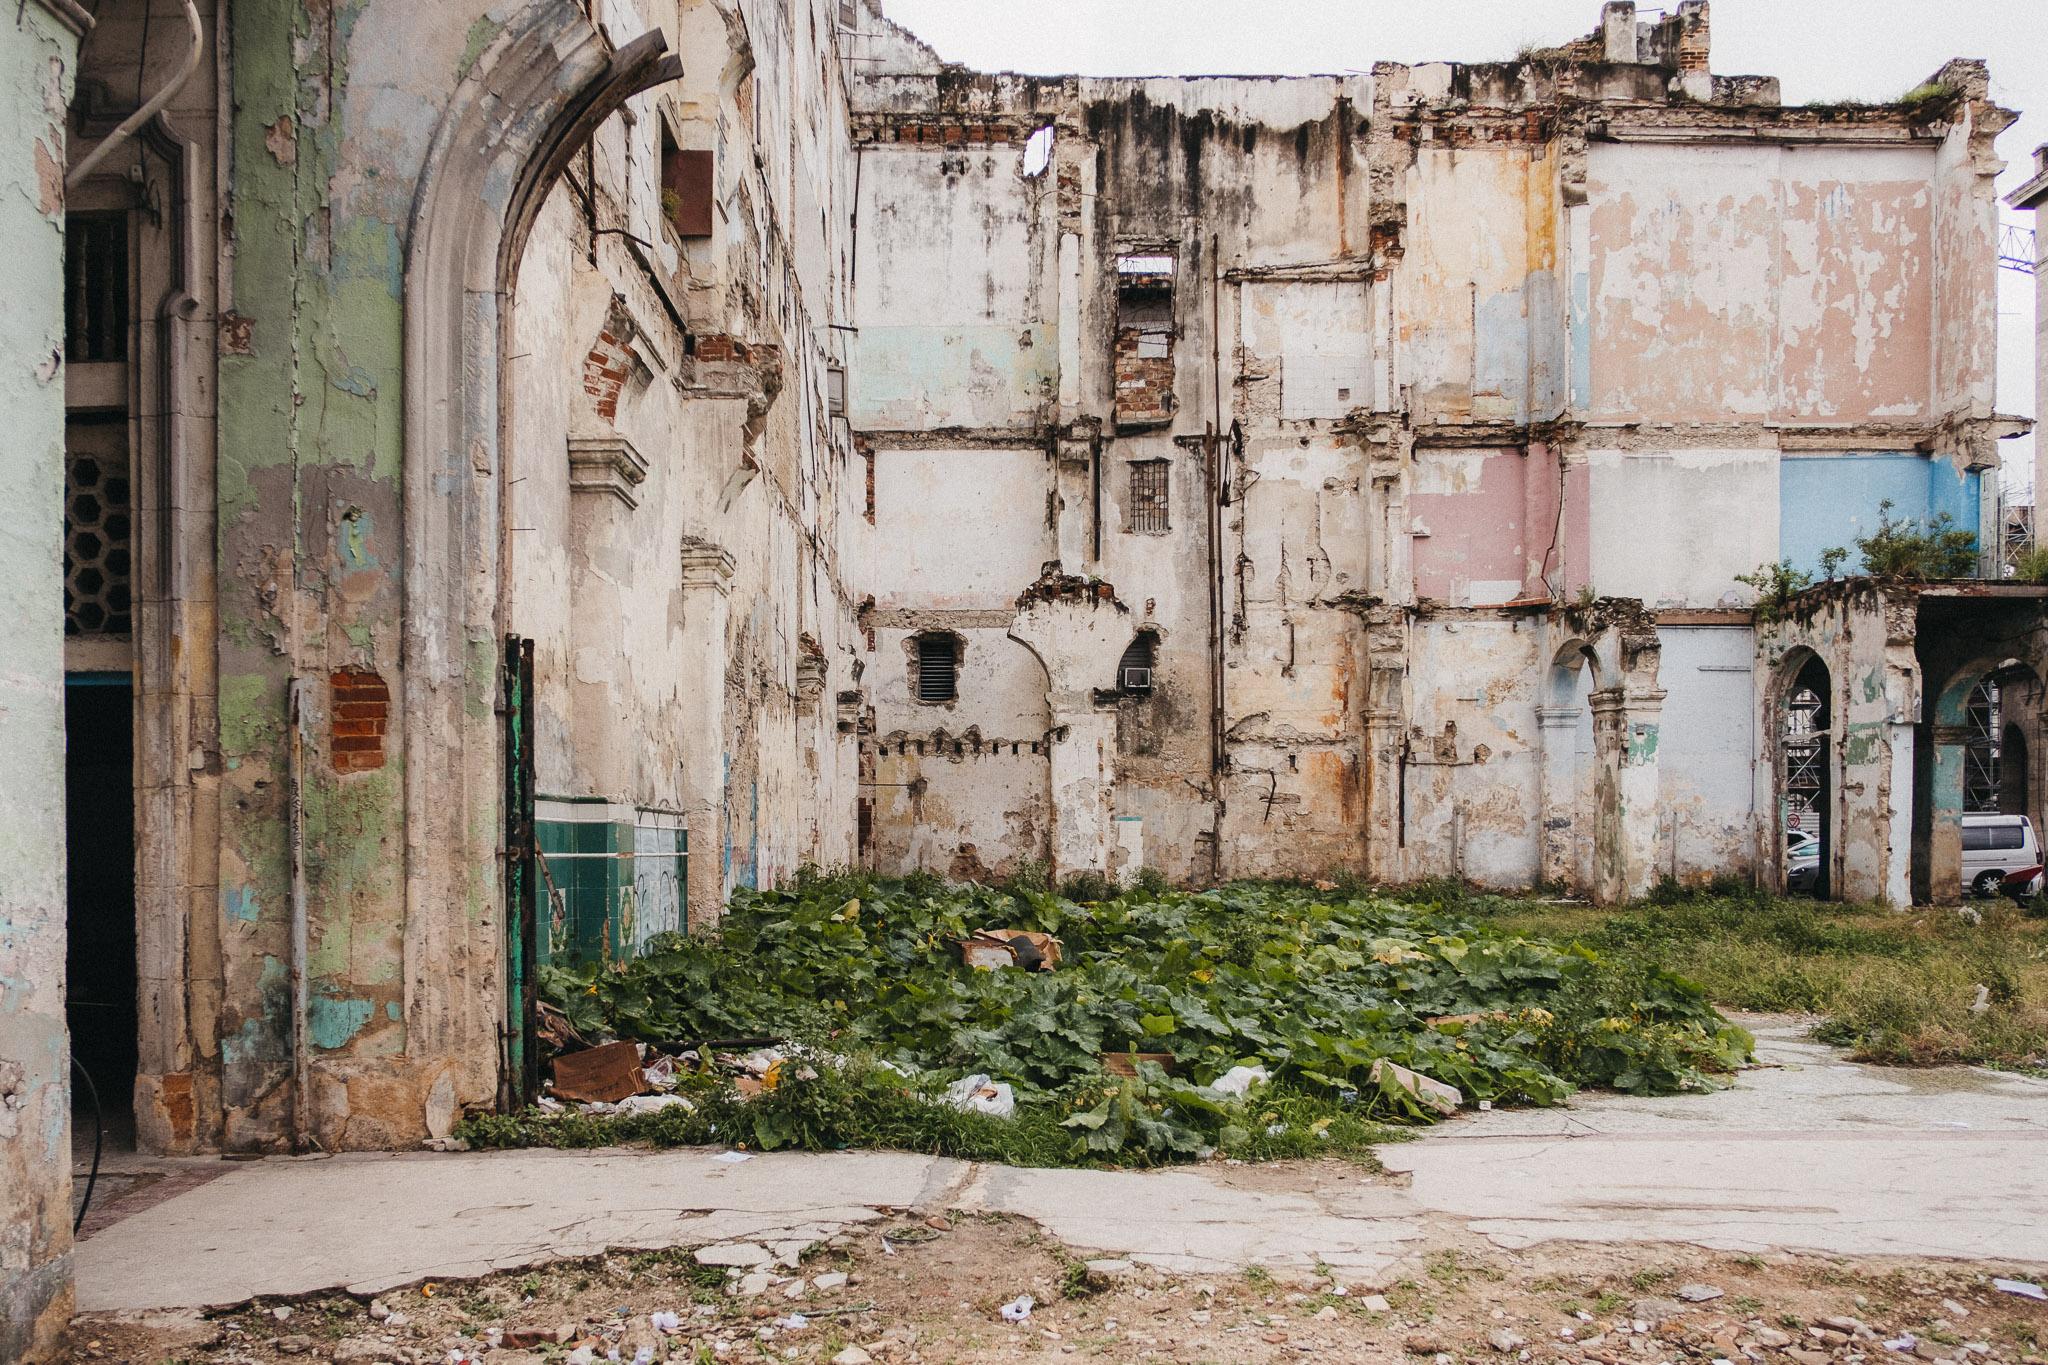 Cuba-2017-12-Havana-0038.jpg